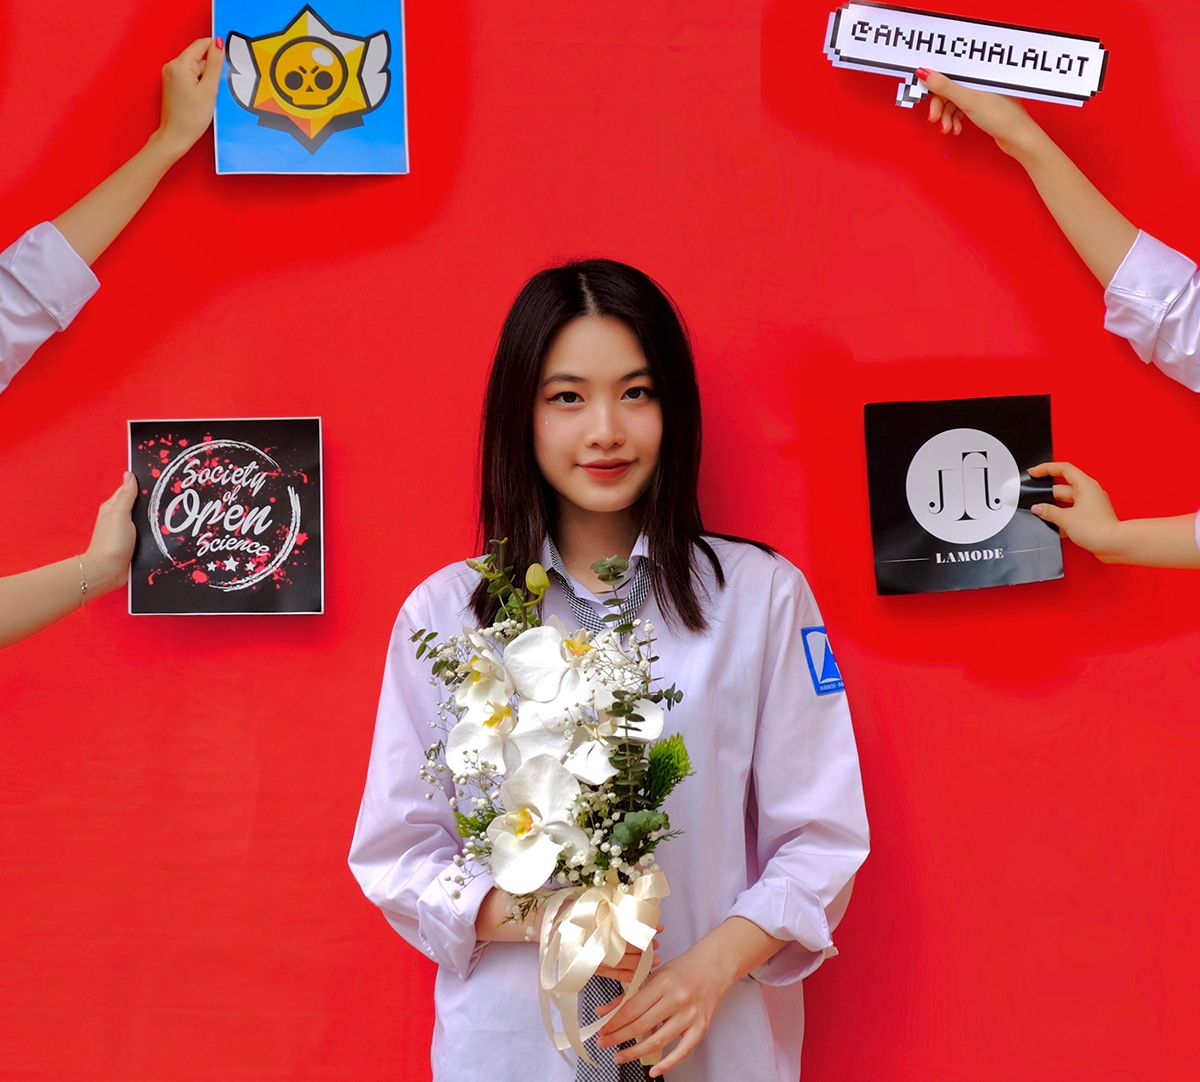 Nguyễn Yến Lan là học sinh lớp 12 Anh 1 trường THPT chuyên Hà Nội - Amsterdam. Ảnh: Nhân vật cung cấp.